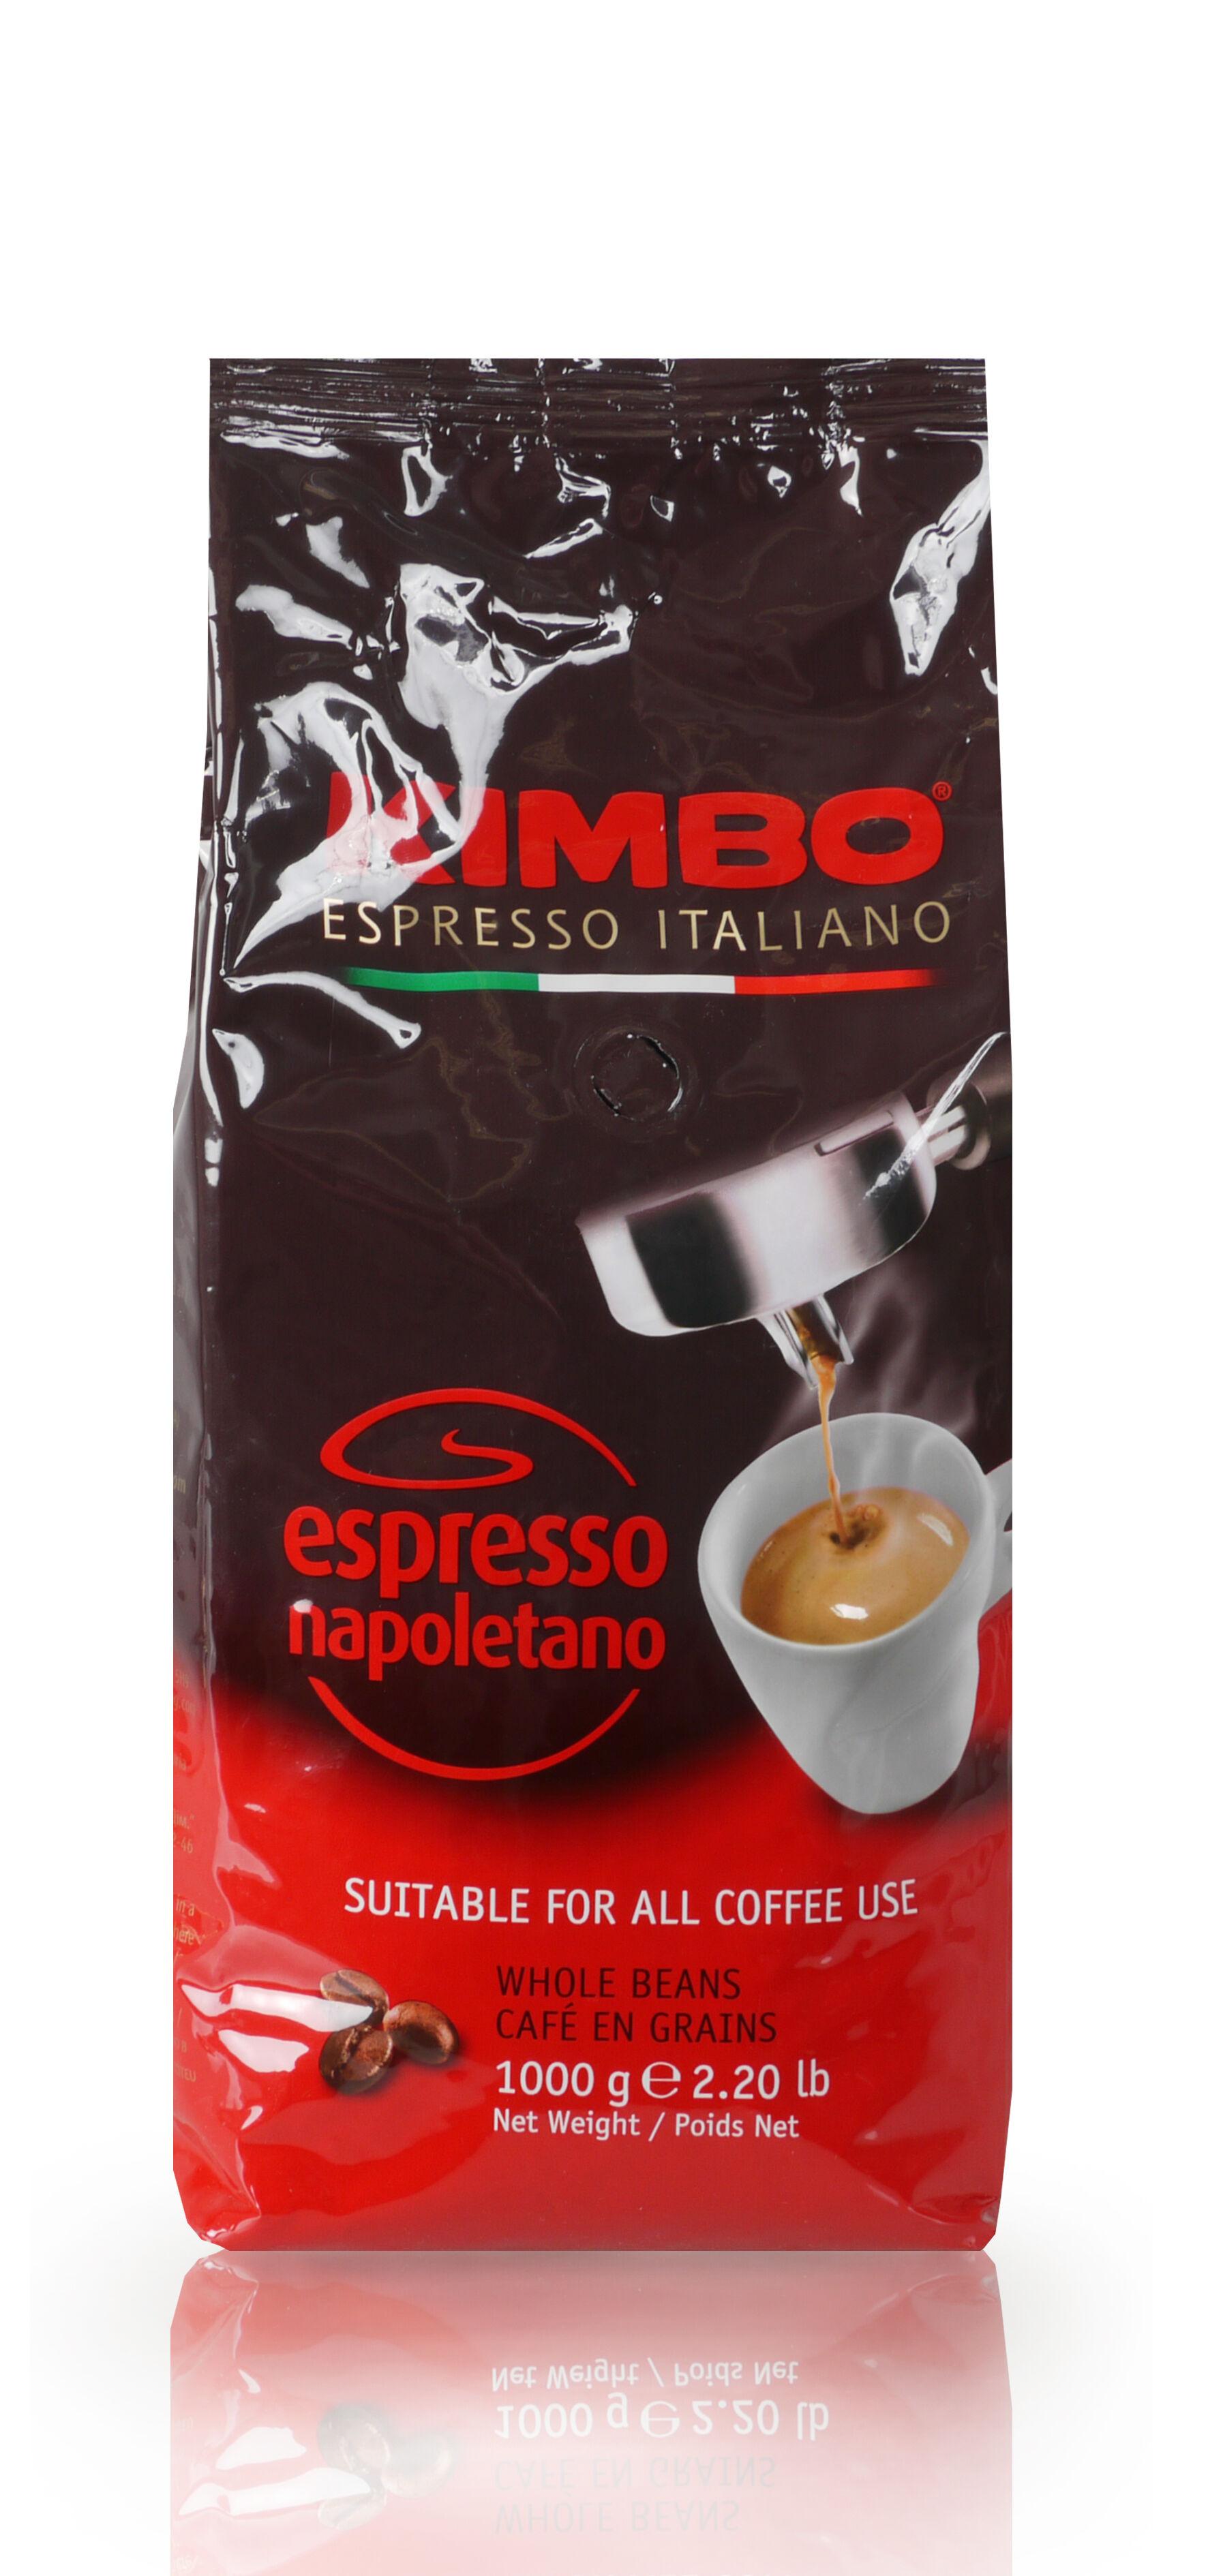 KIMBO Espresso Napoletano 6 X 1 KG Bohnen im Beutel